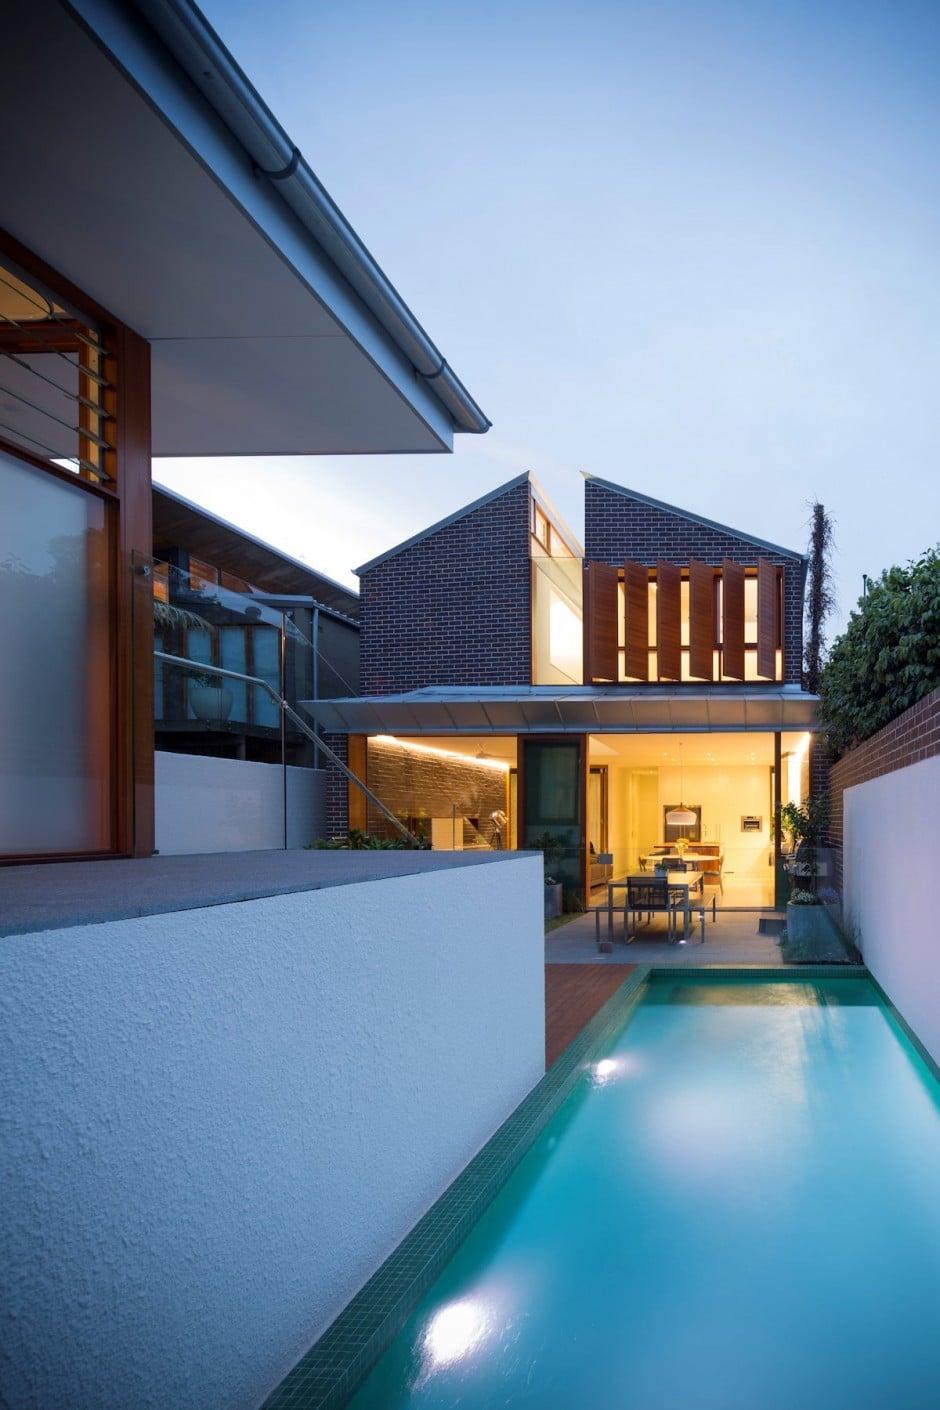 Dise o de casa moderna de dos pisos en terreno largo for Fachada casa 2 pisos